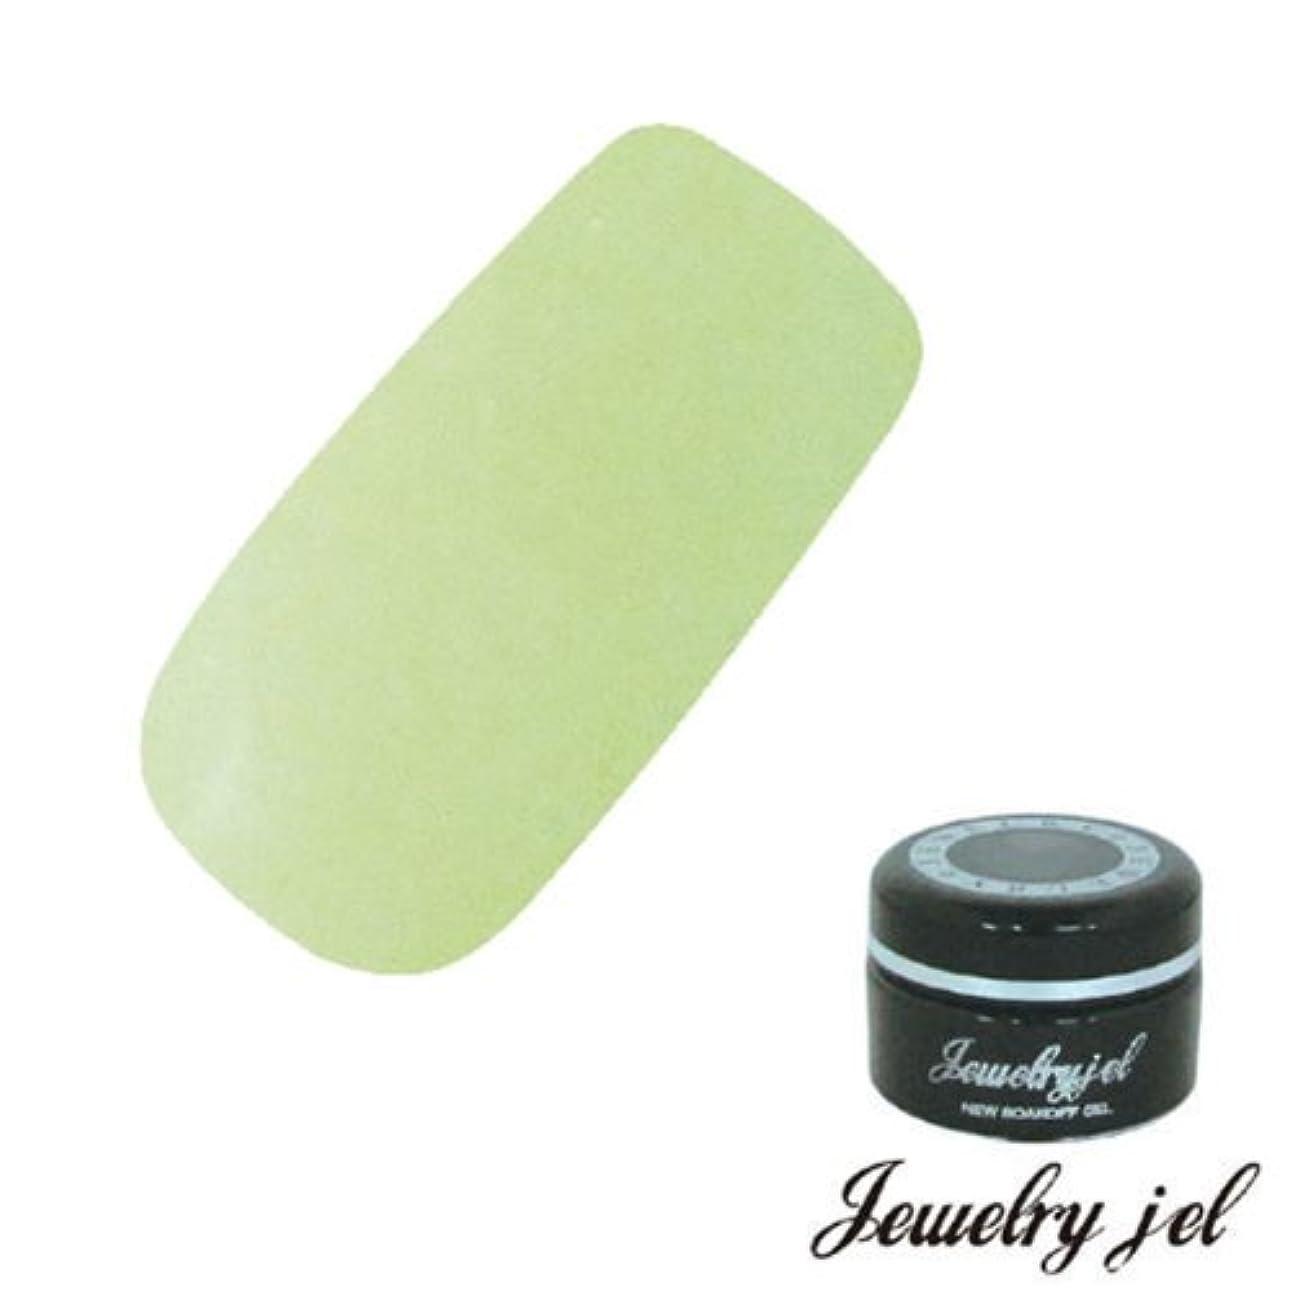 ダイバー添付使い込むジュエリージェル ジェルネイル カラージェル PA202 3.5g ミントクリーム マット UV/LED対応  ソークオフジェル マットパステルミントクリーム